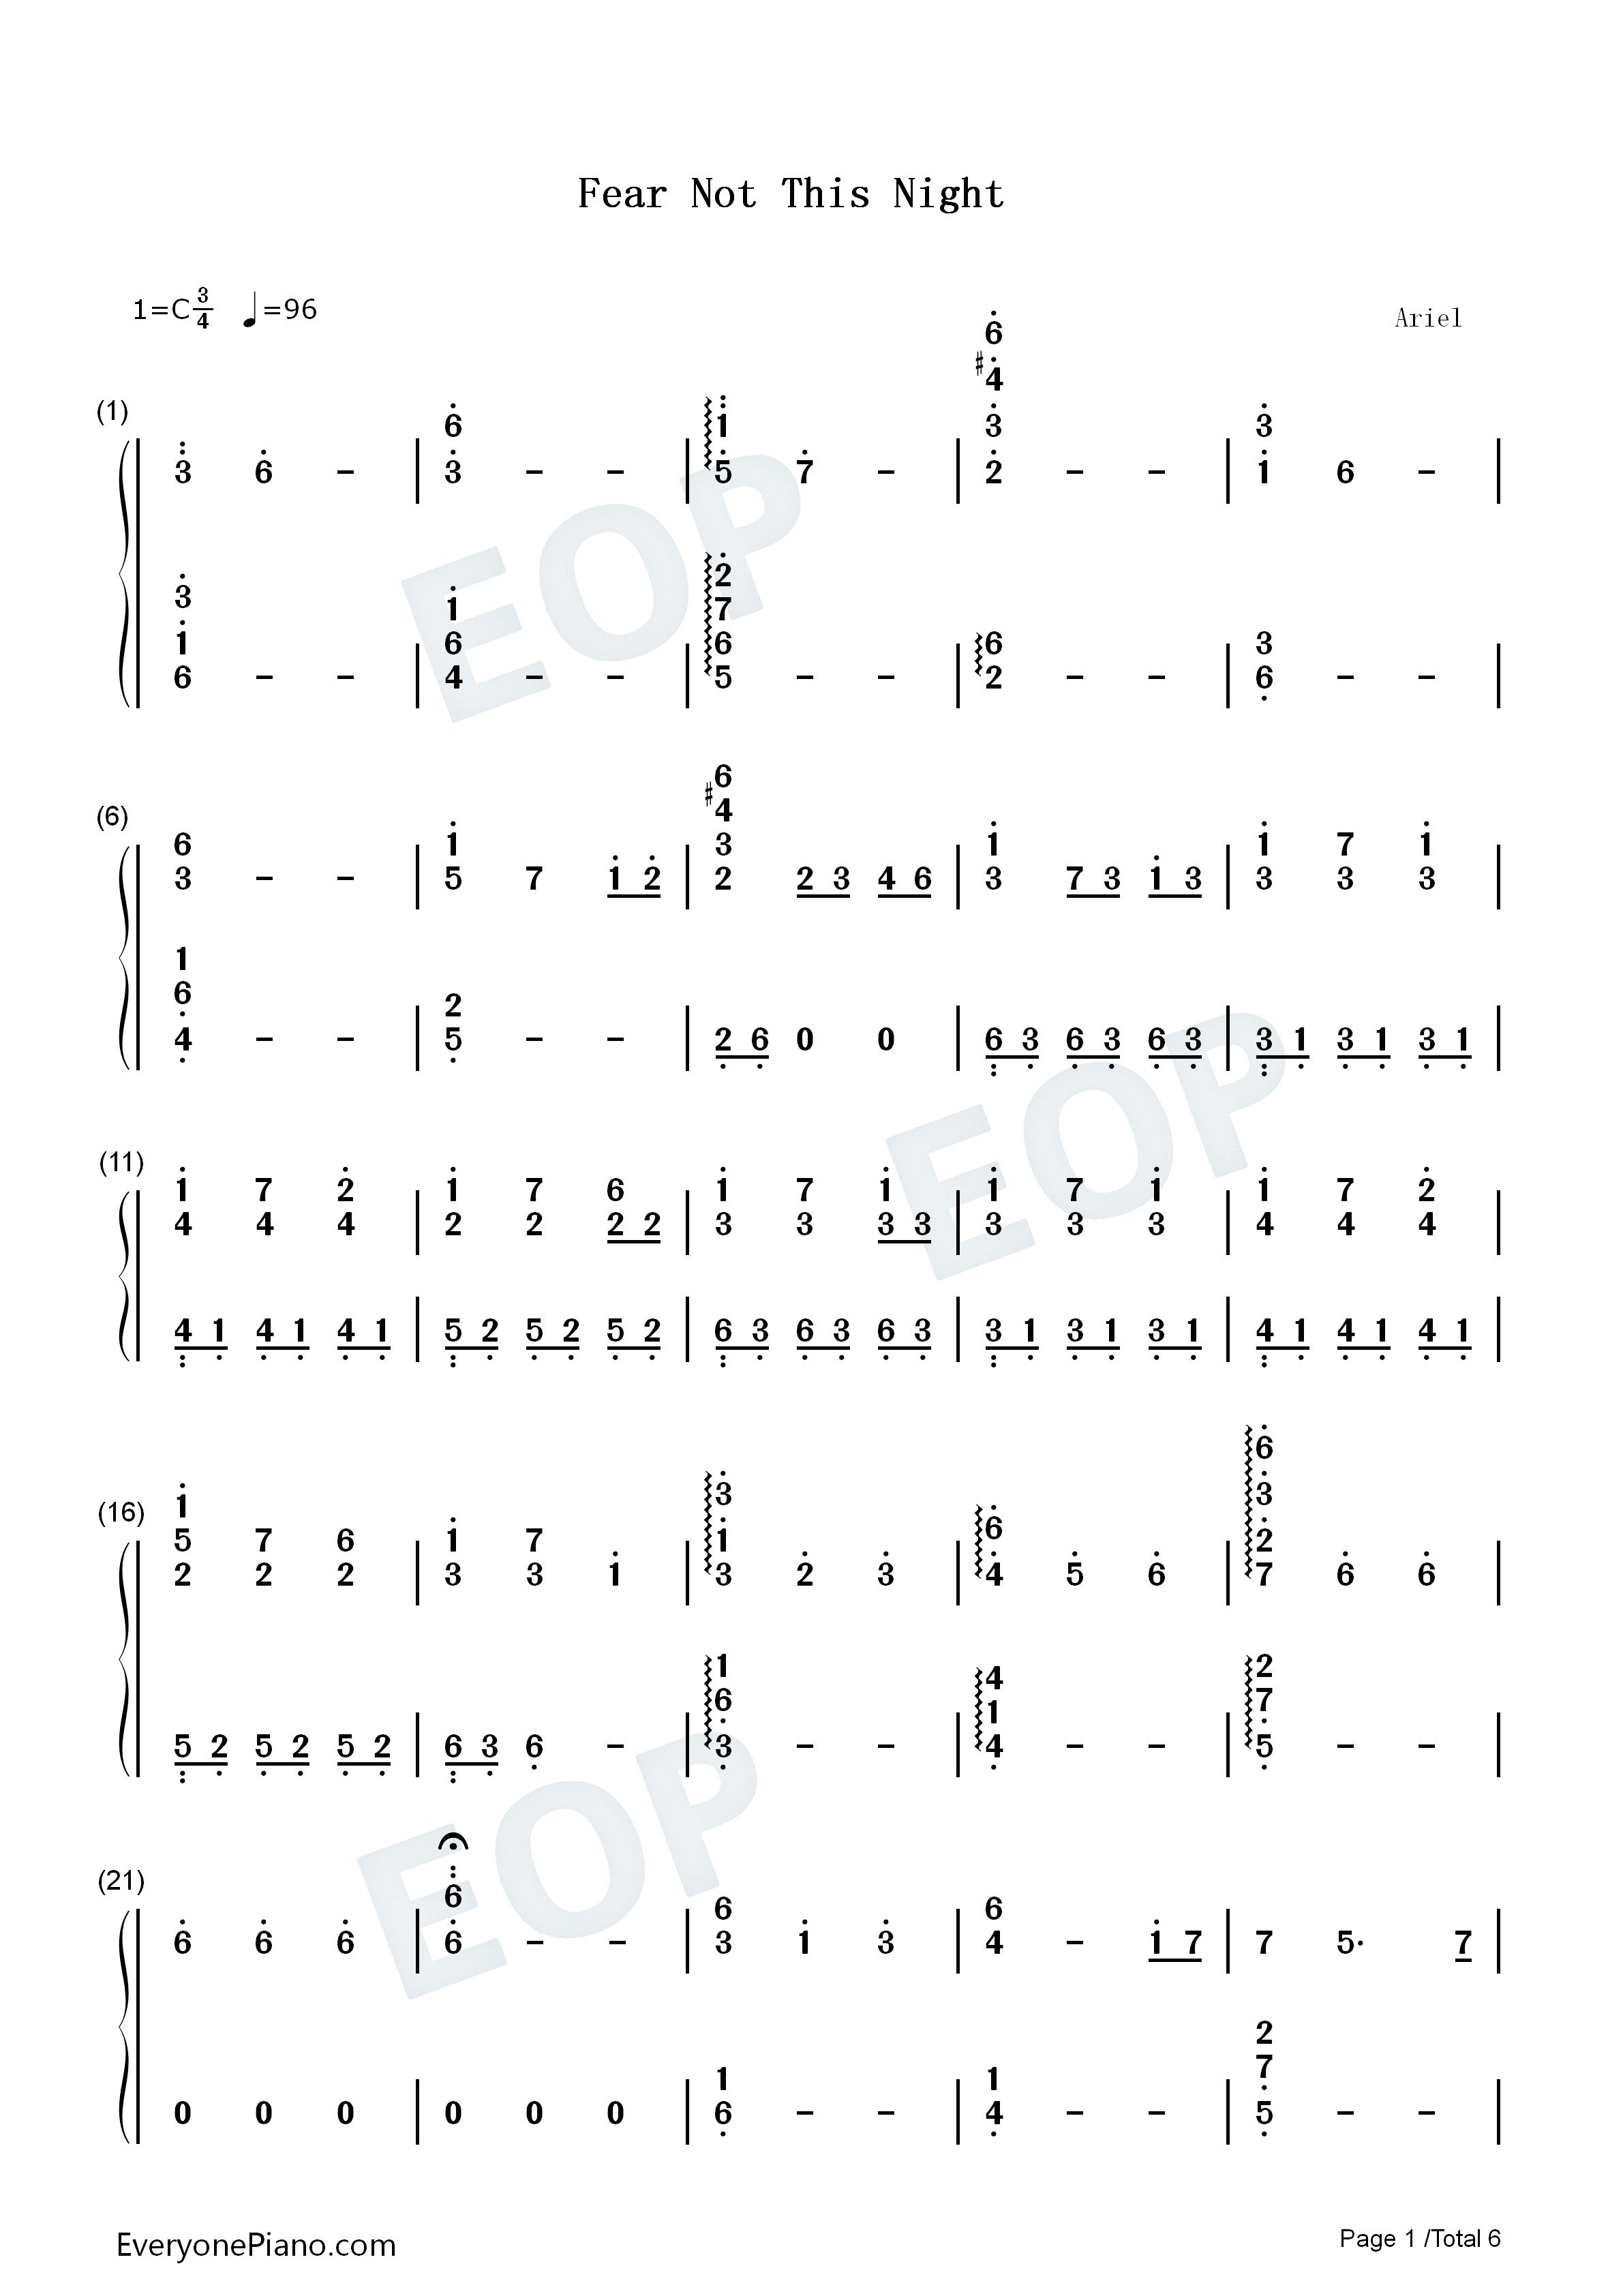 night-无惧此夜-激战2主题曲双手简谱